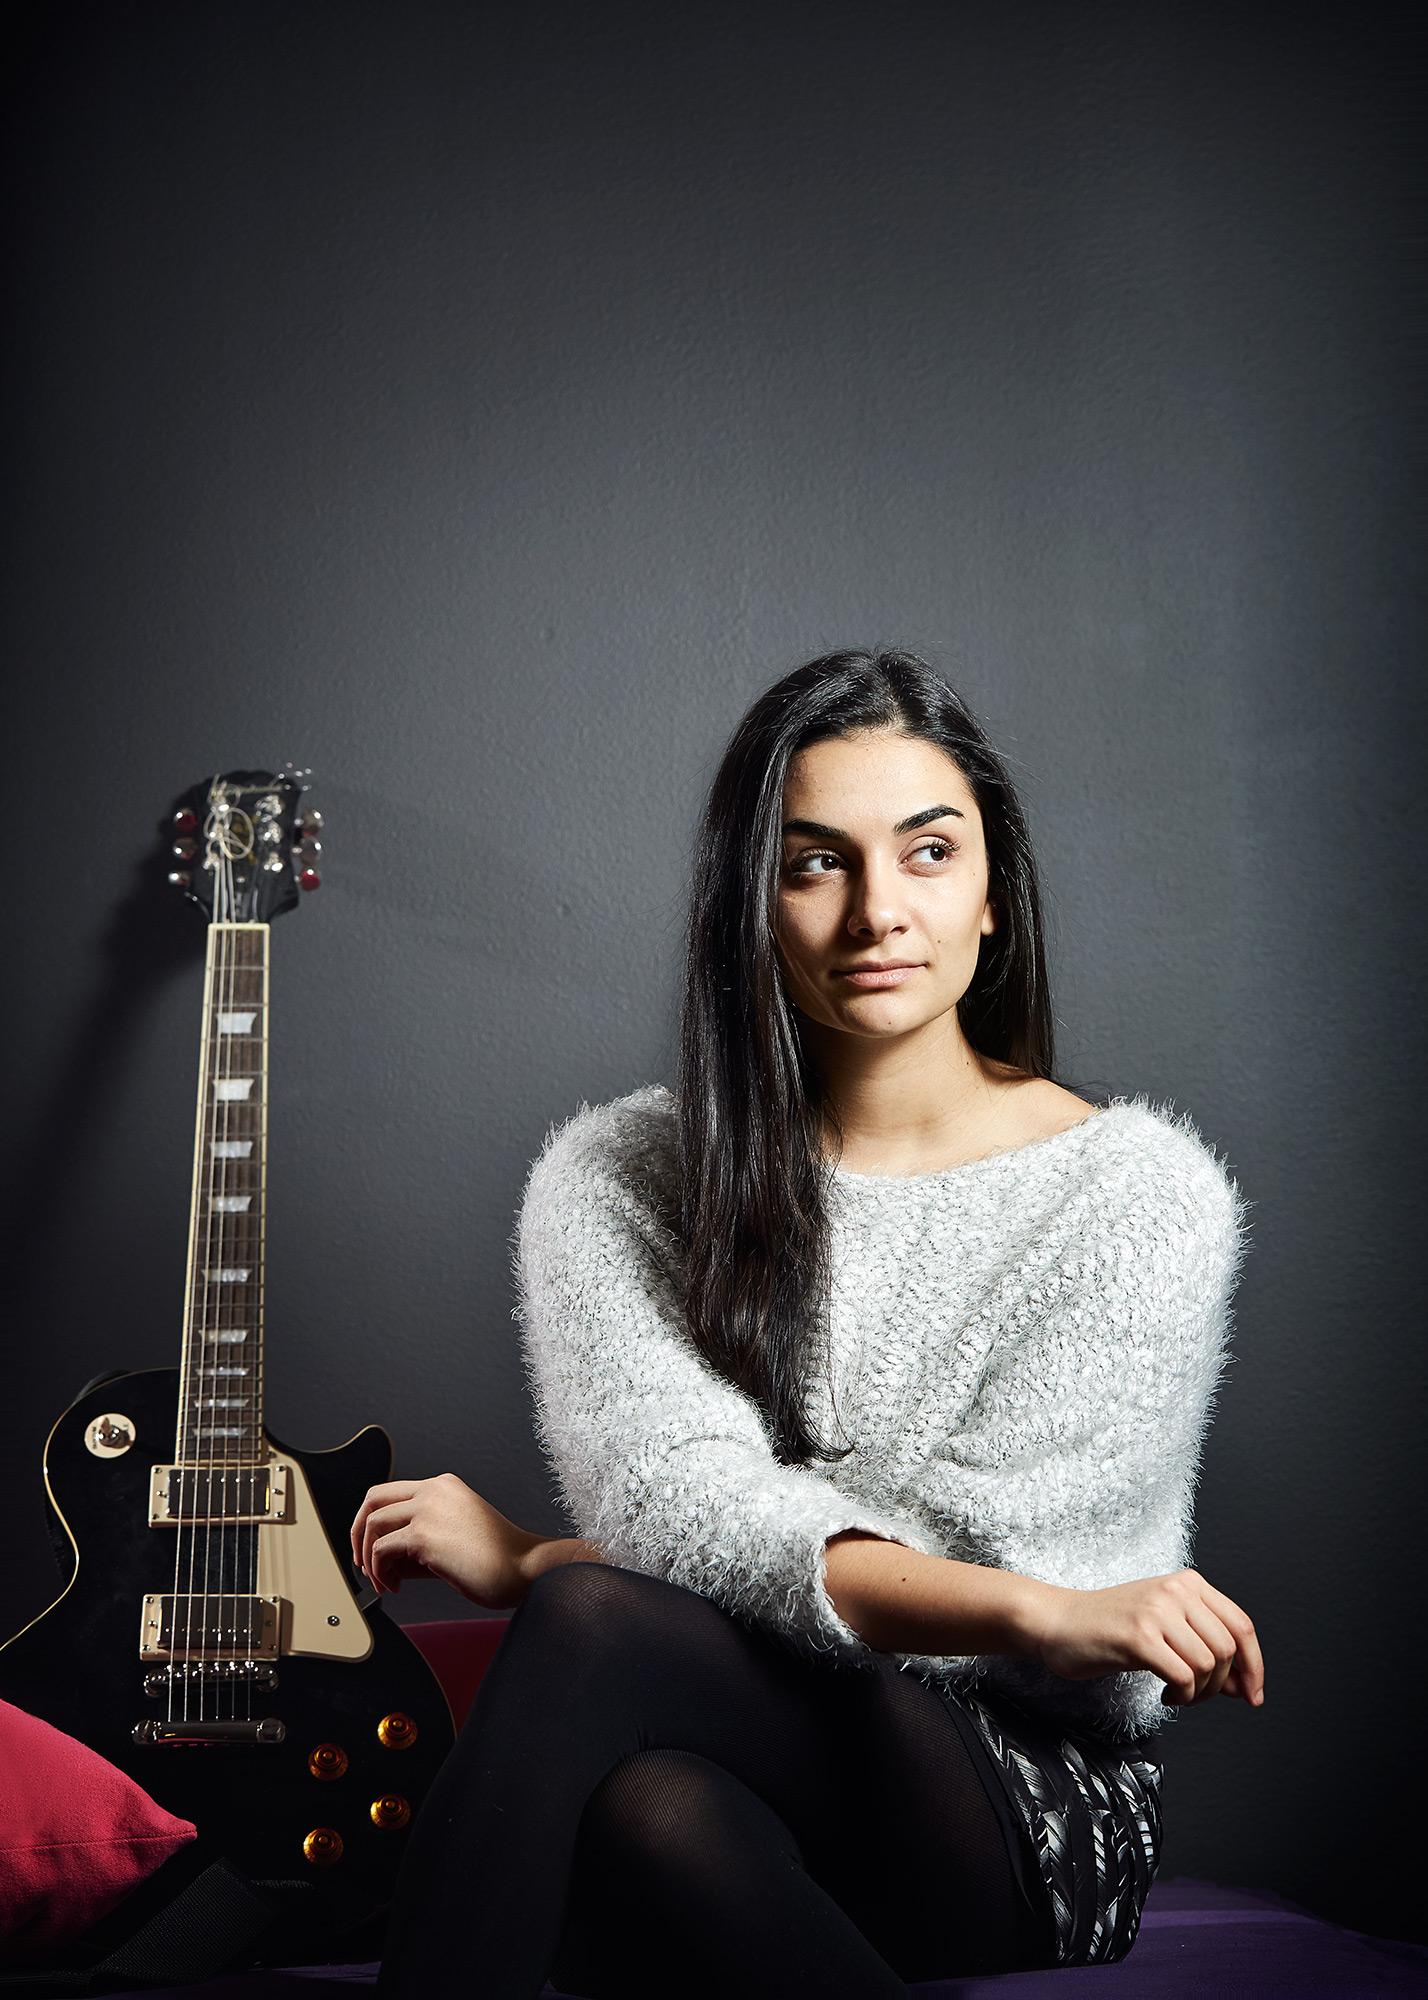 Mona Khoshoi